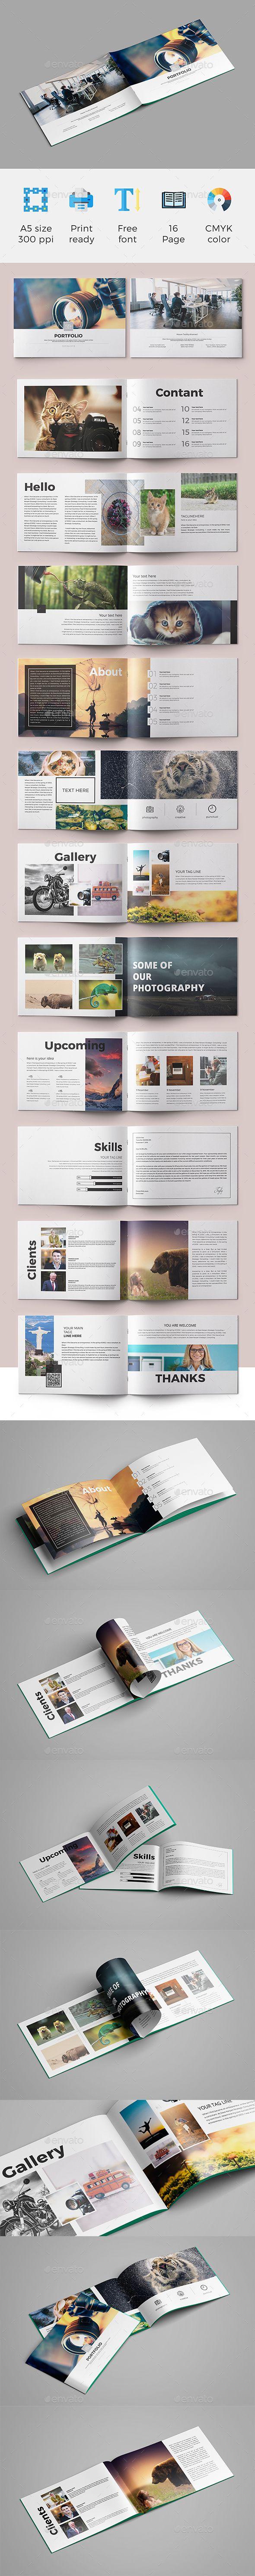 A5 Brochure (Portfolio) 03 | Diseño editorial, Editorial y Portafolio